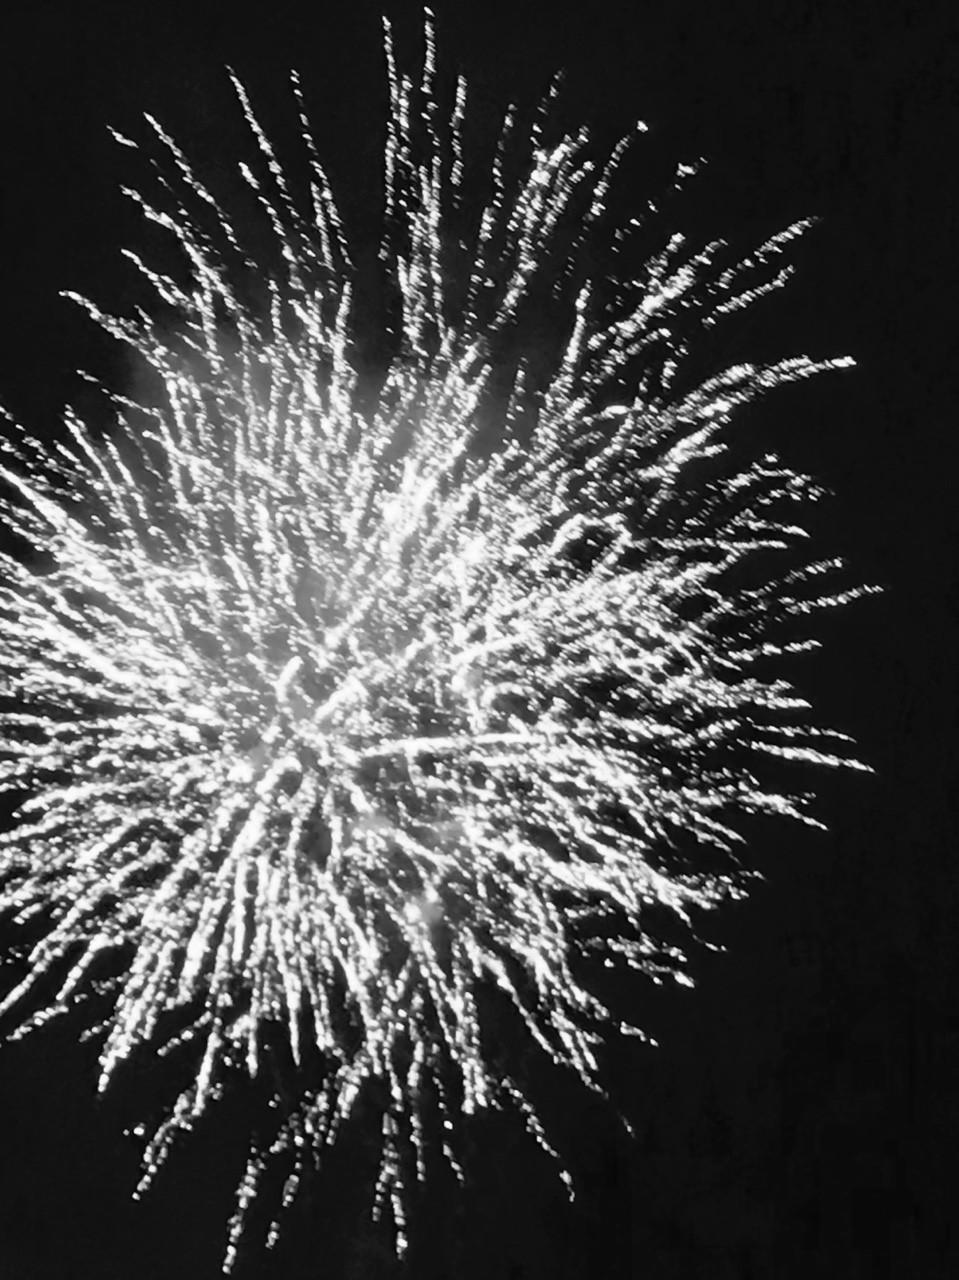 君と見る花火が1番嫌い。見上げる君は花火みたいにキラキラしてて。次の花火を待つみたいに次の瞬間を待っている。僕の見た花火はきっとこんな色をしてた。